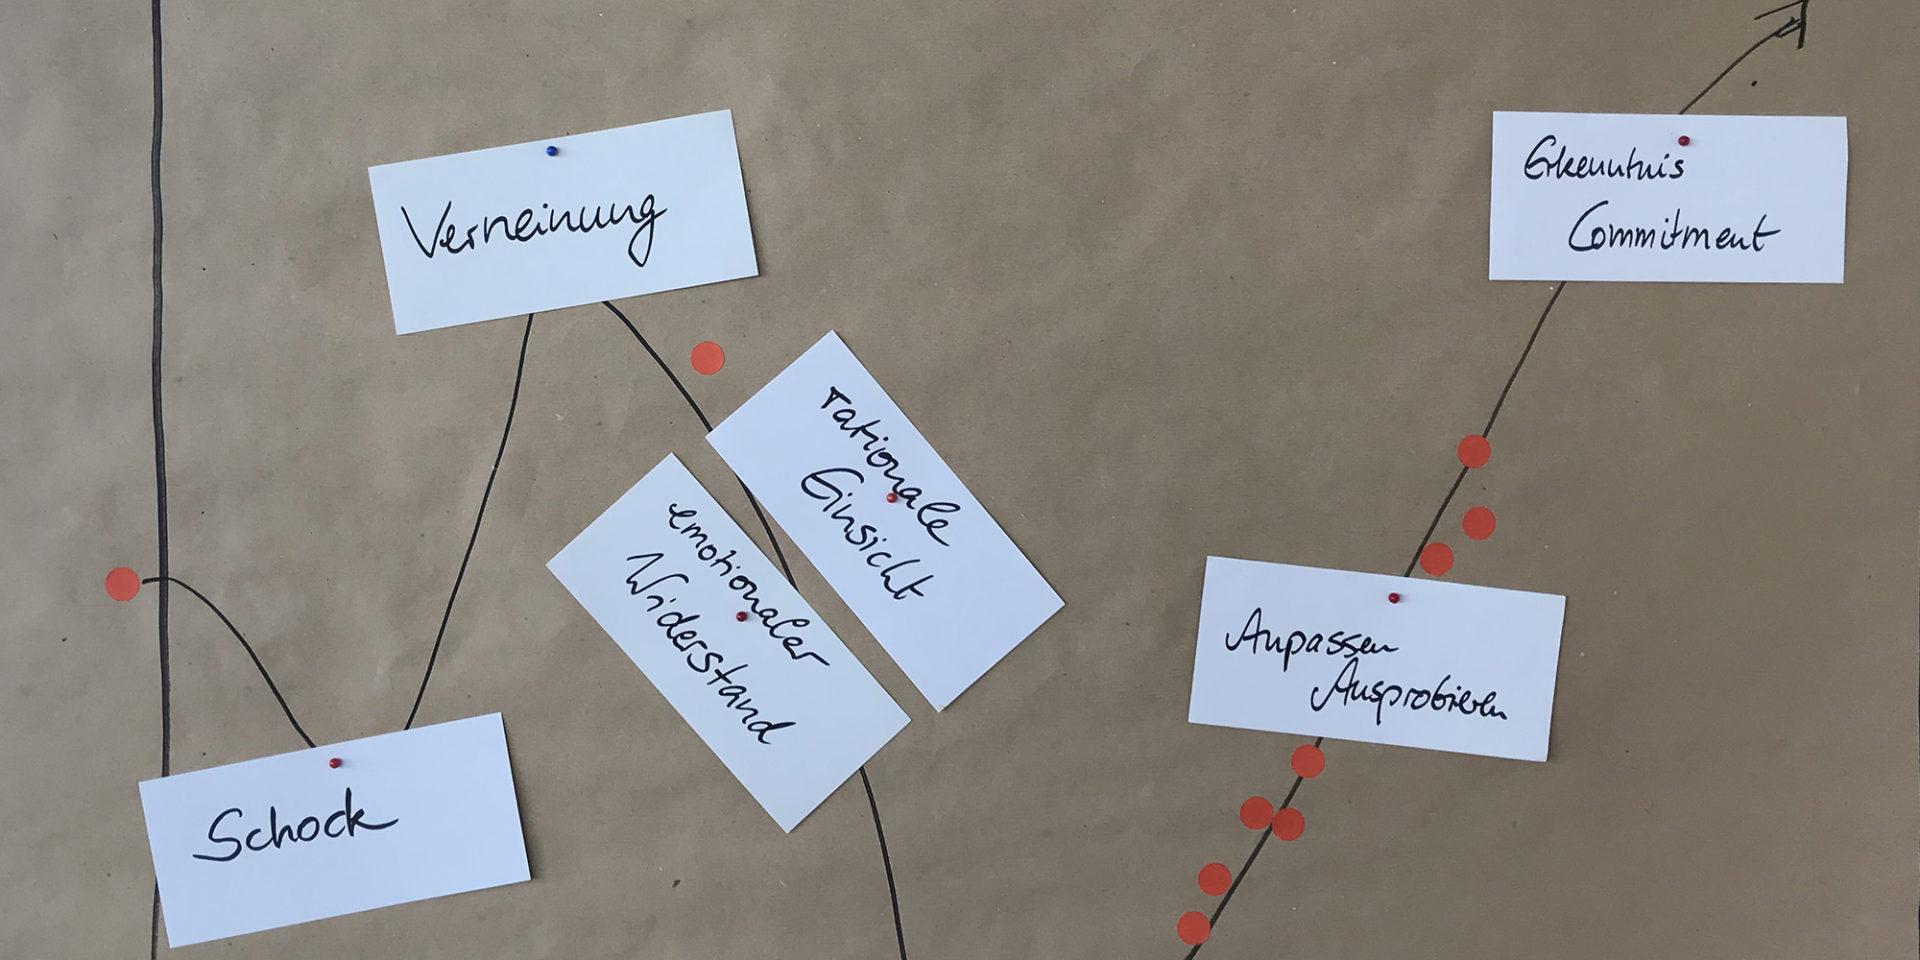 Eine mit Aktionskarten bepinnte Moderationswand zeigt eine Veränderungskurve der subjektiven Kompetenzwahrnehmung im Zeitverlauf war.